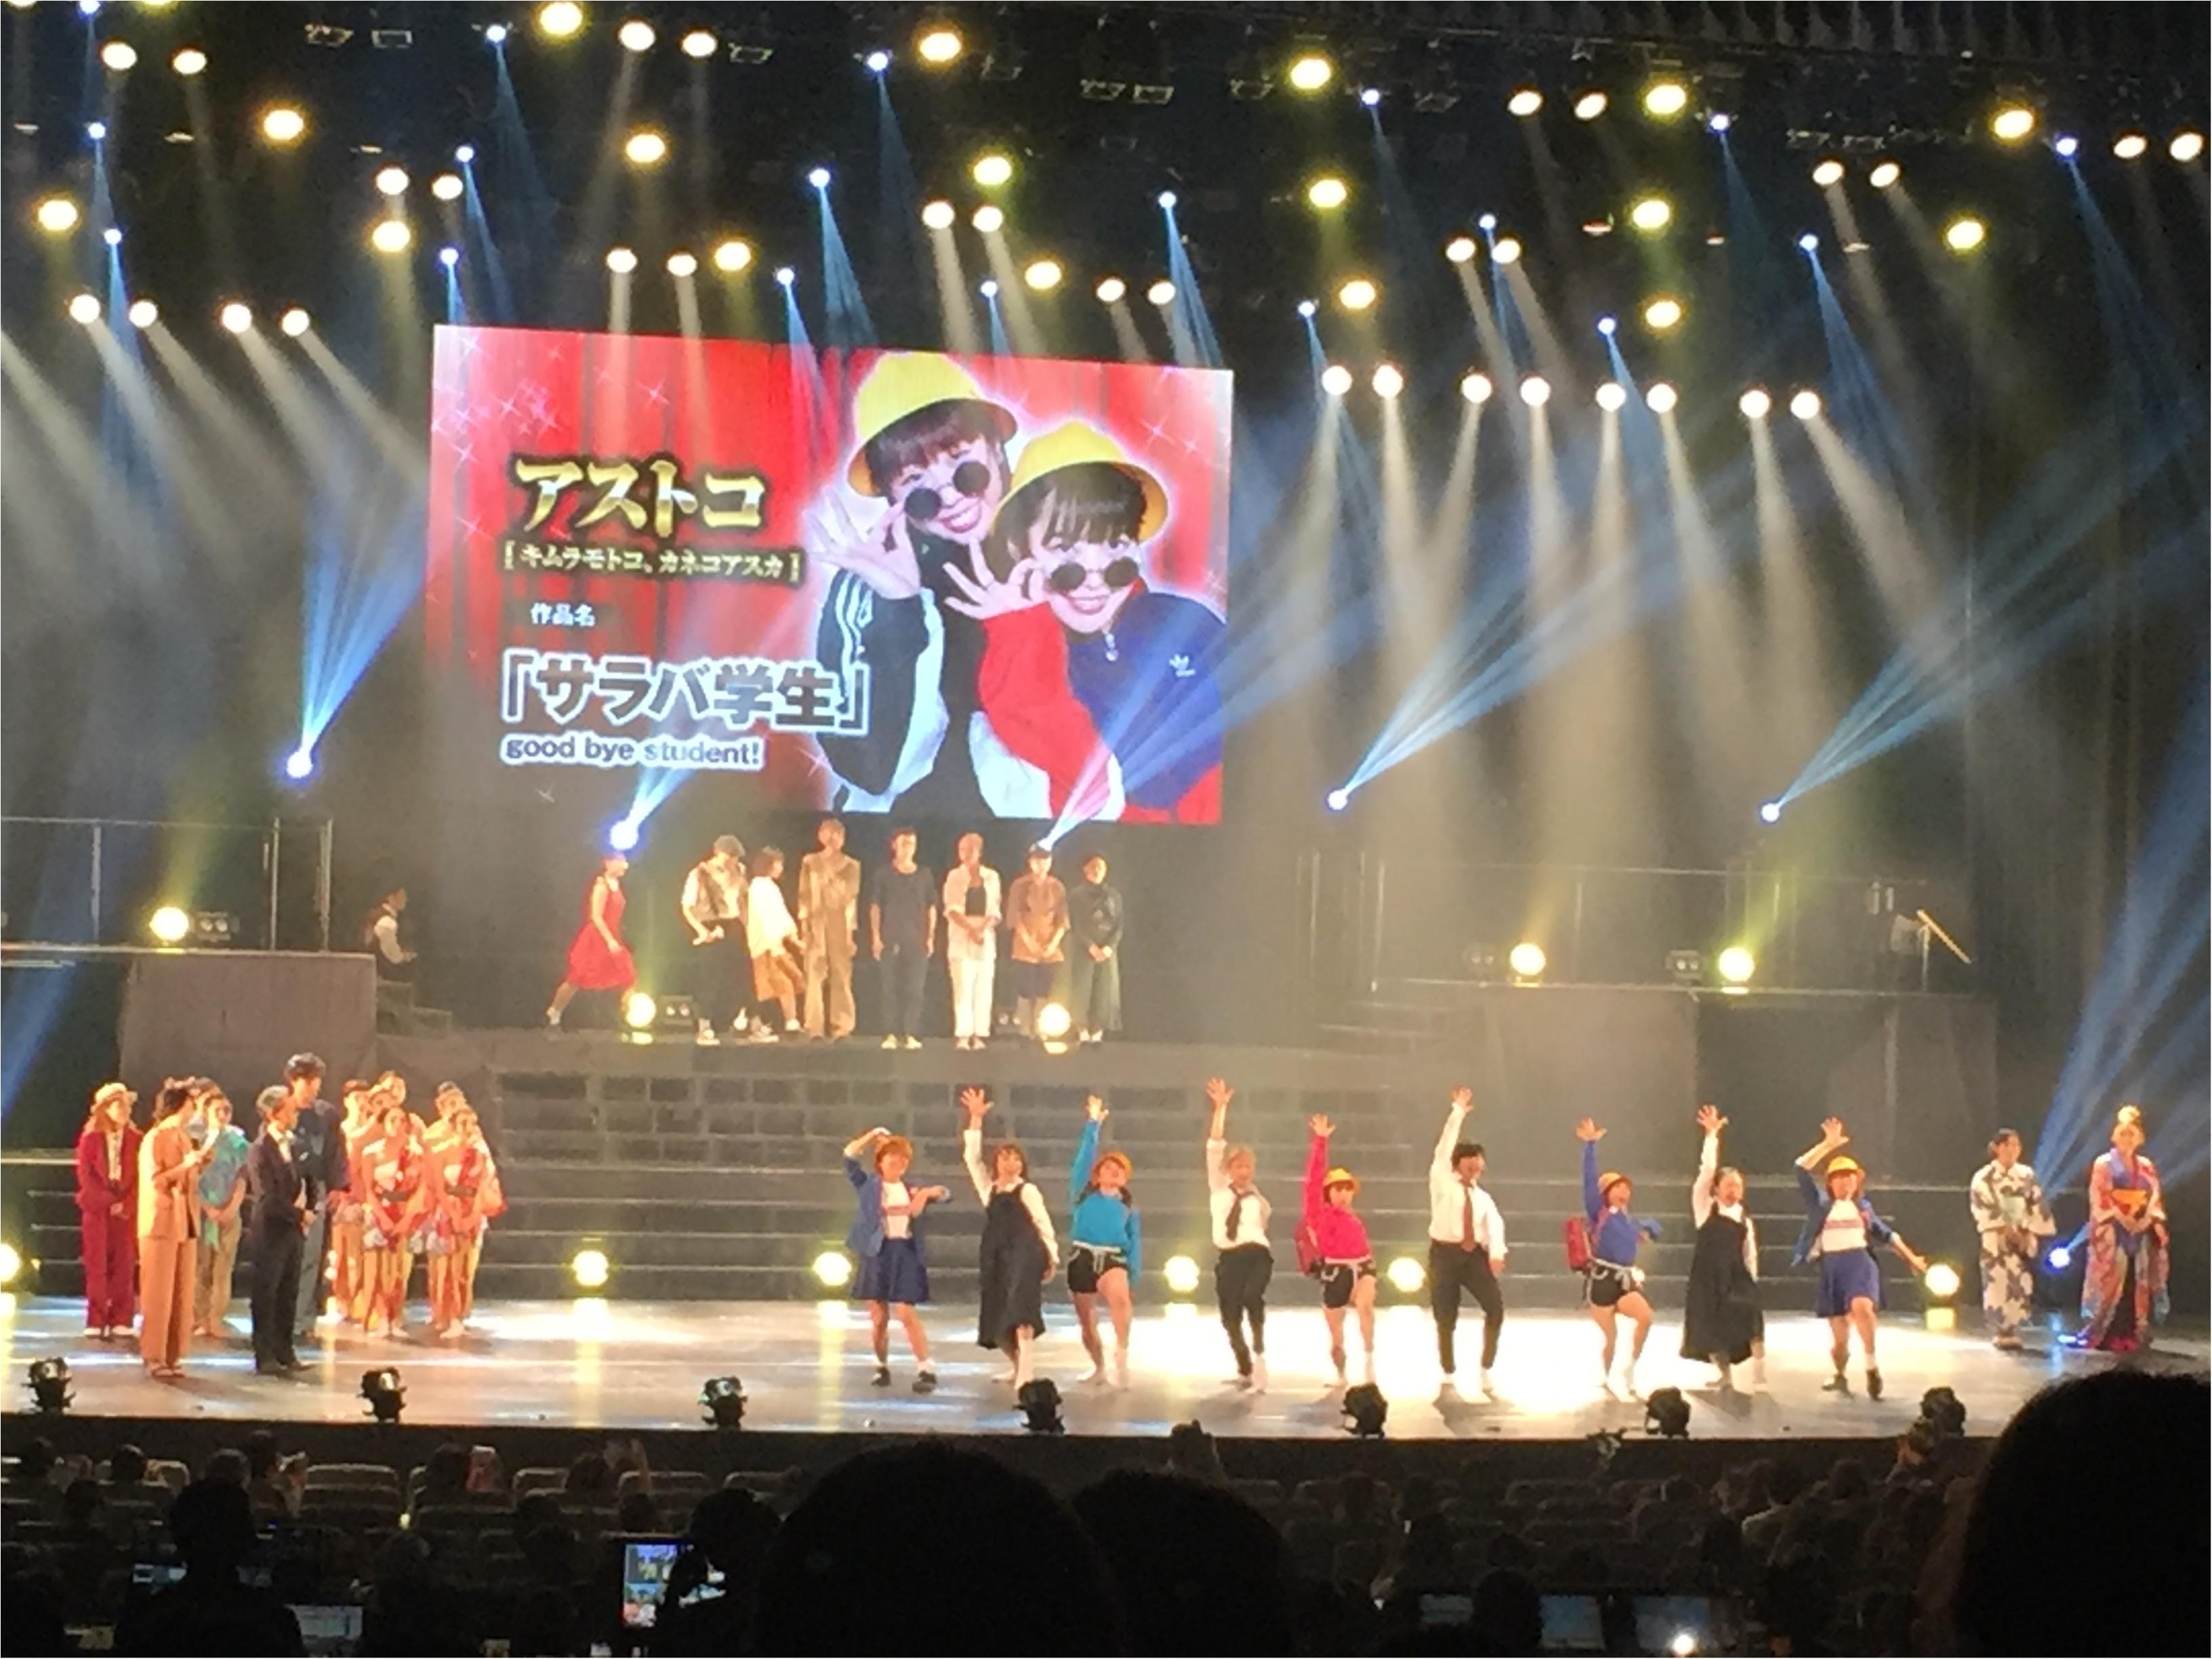 【審査結果一覧】Legend Tokyo終演!! 来年は大阪で新たなステージへ☆_3